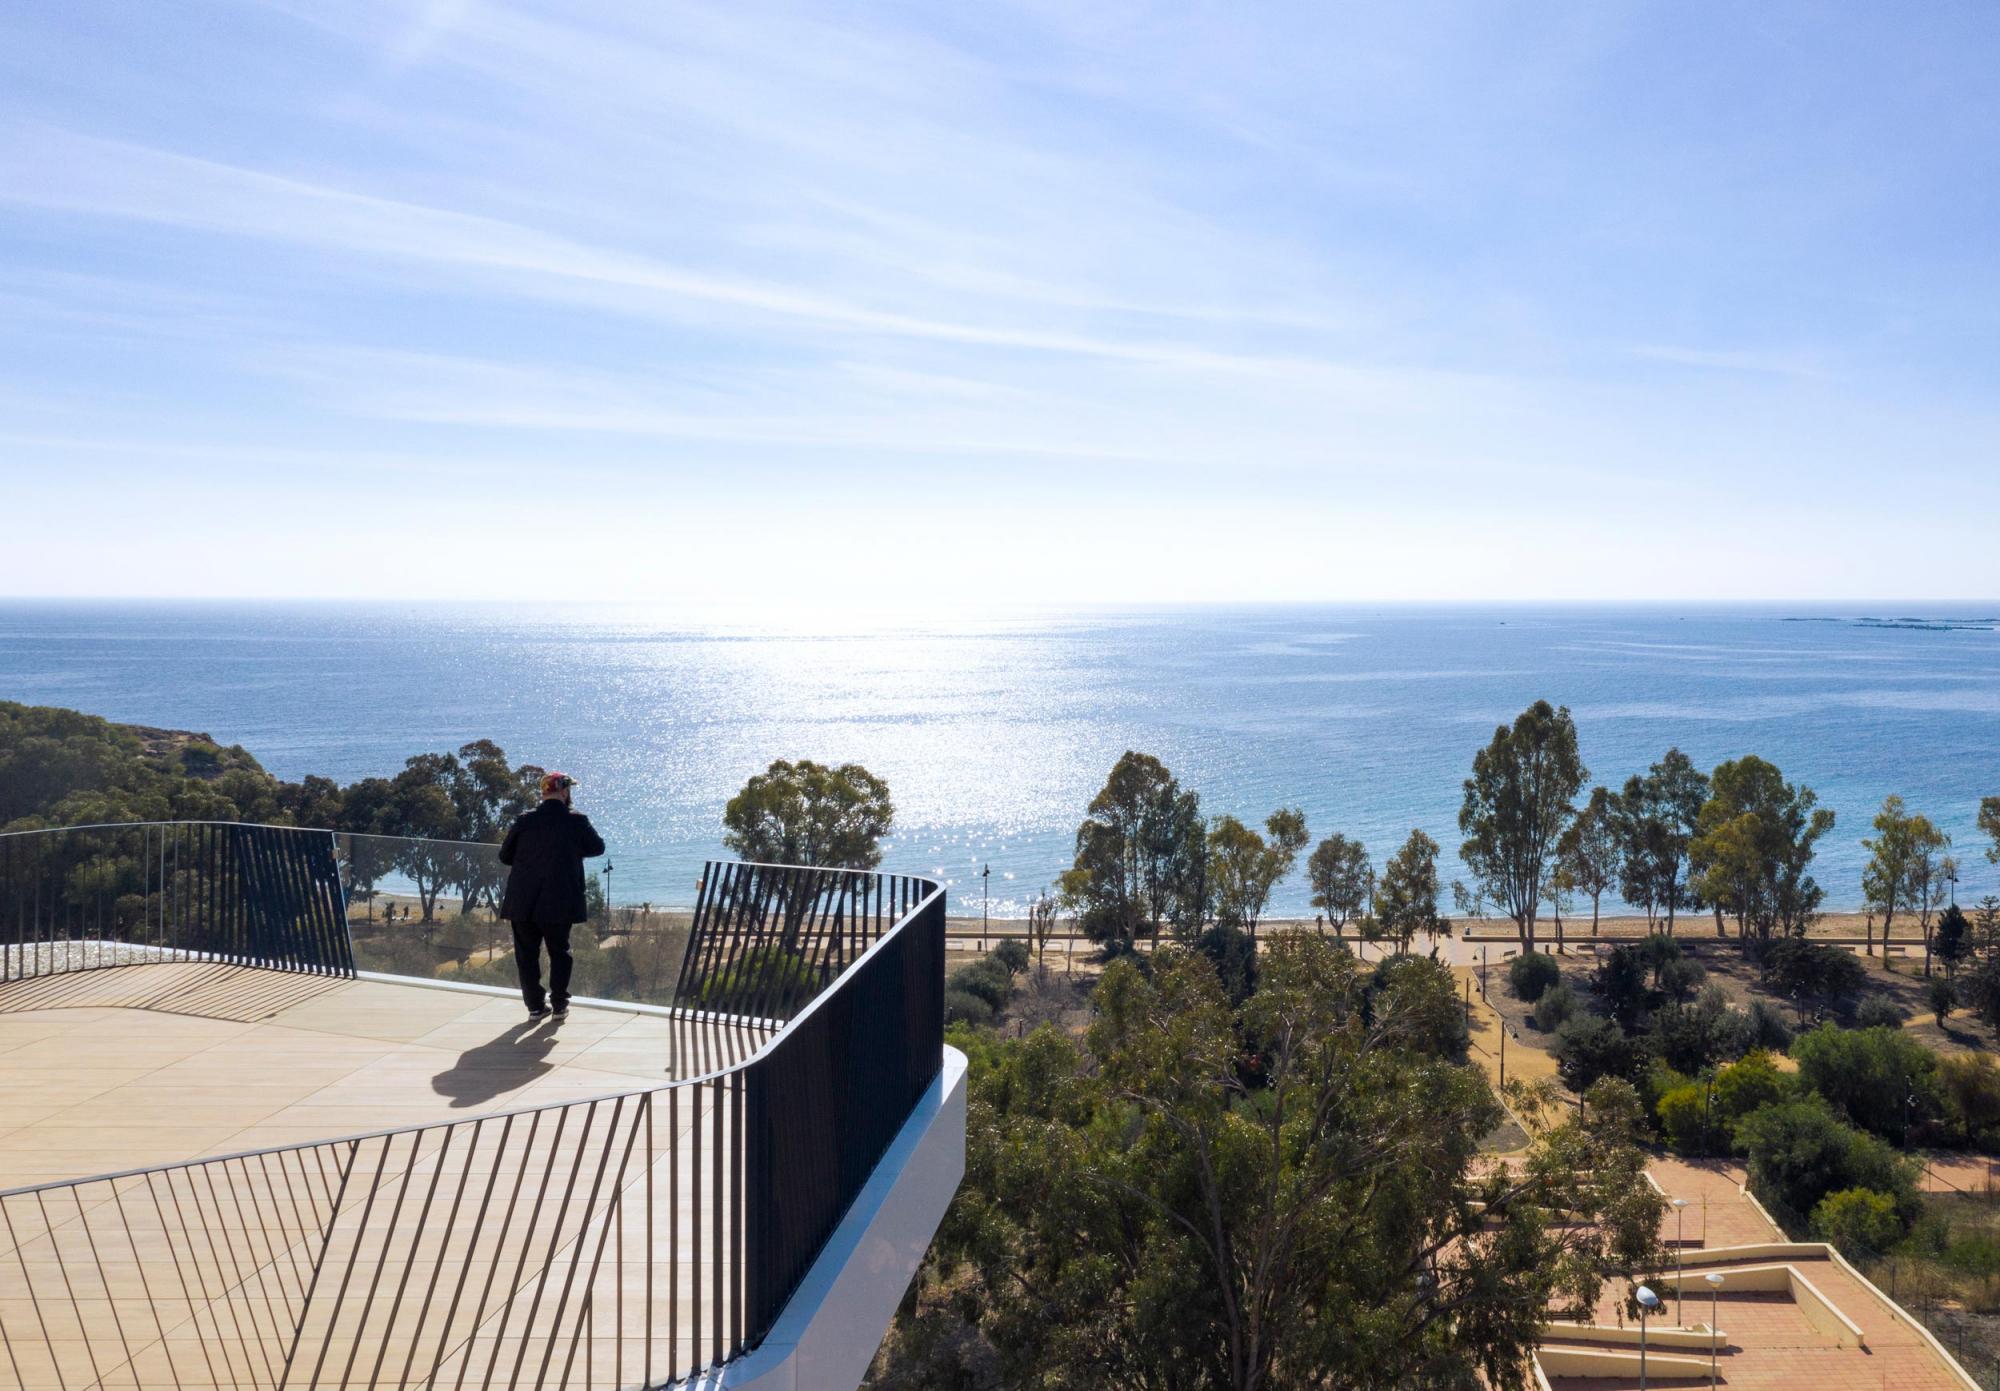 Vistas al mar Mediterráneo desde las terrazas de Allonbay Village